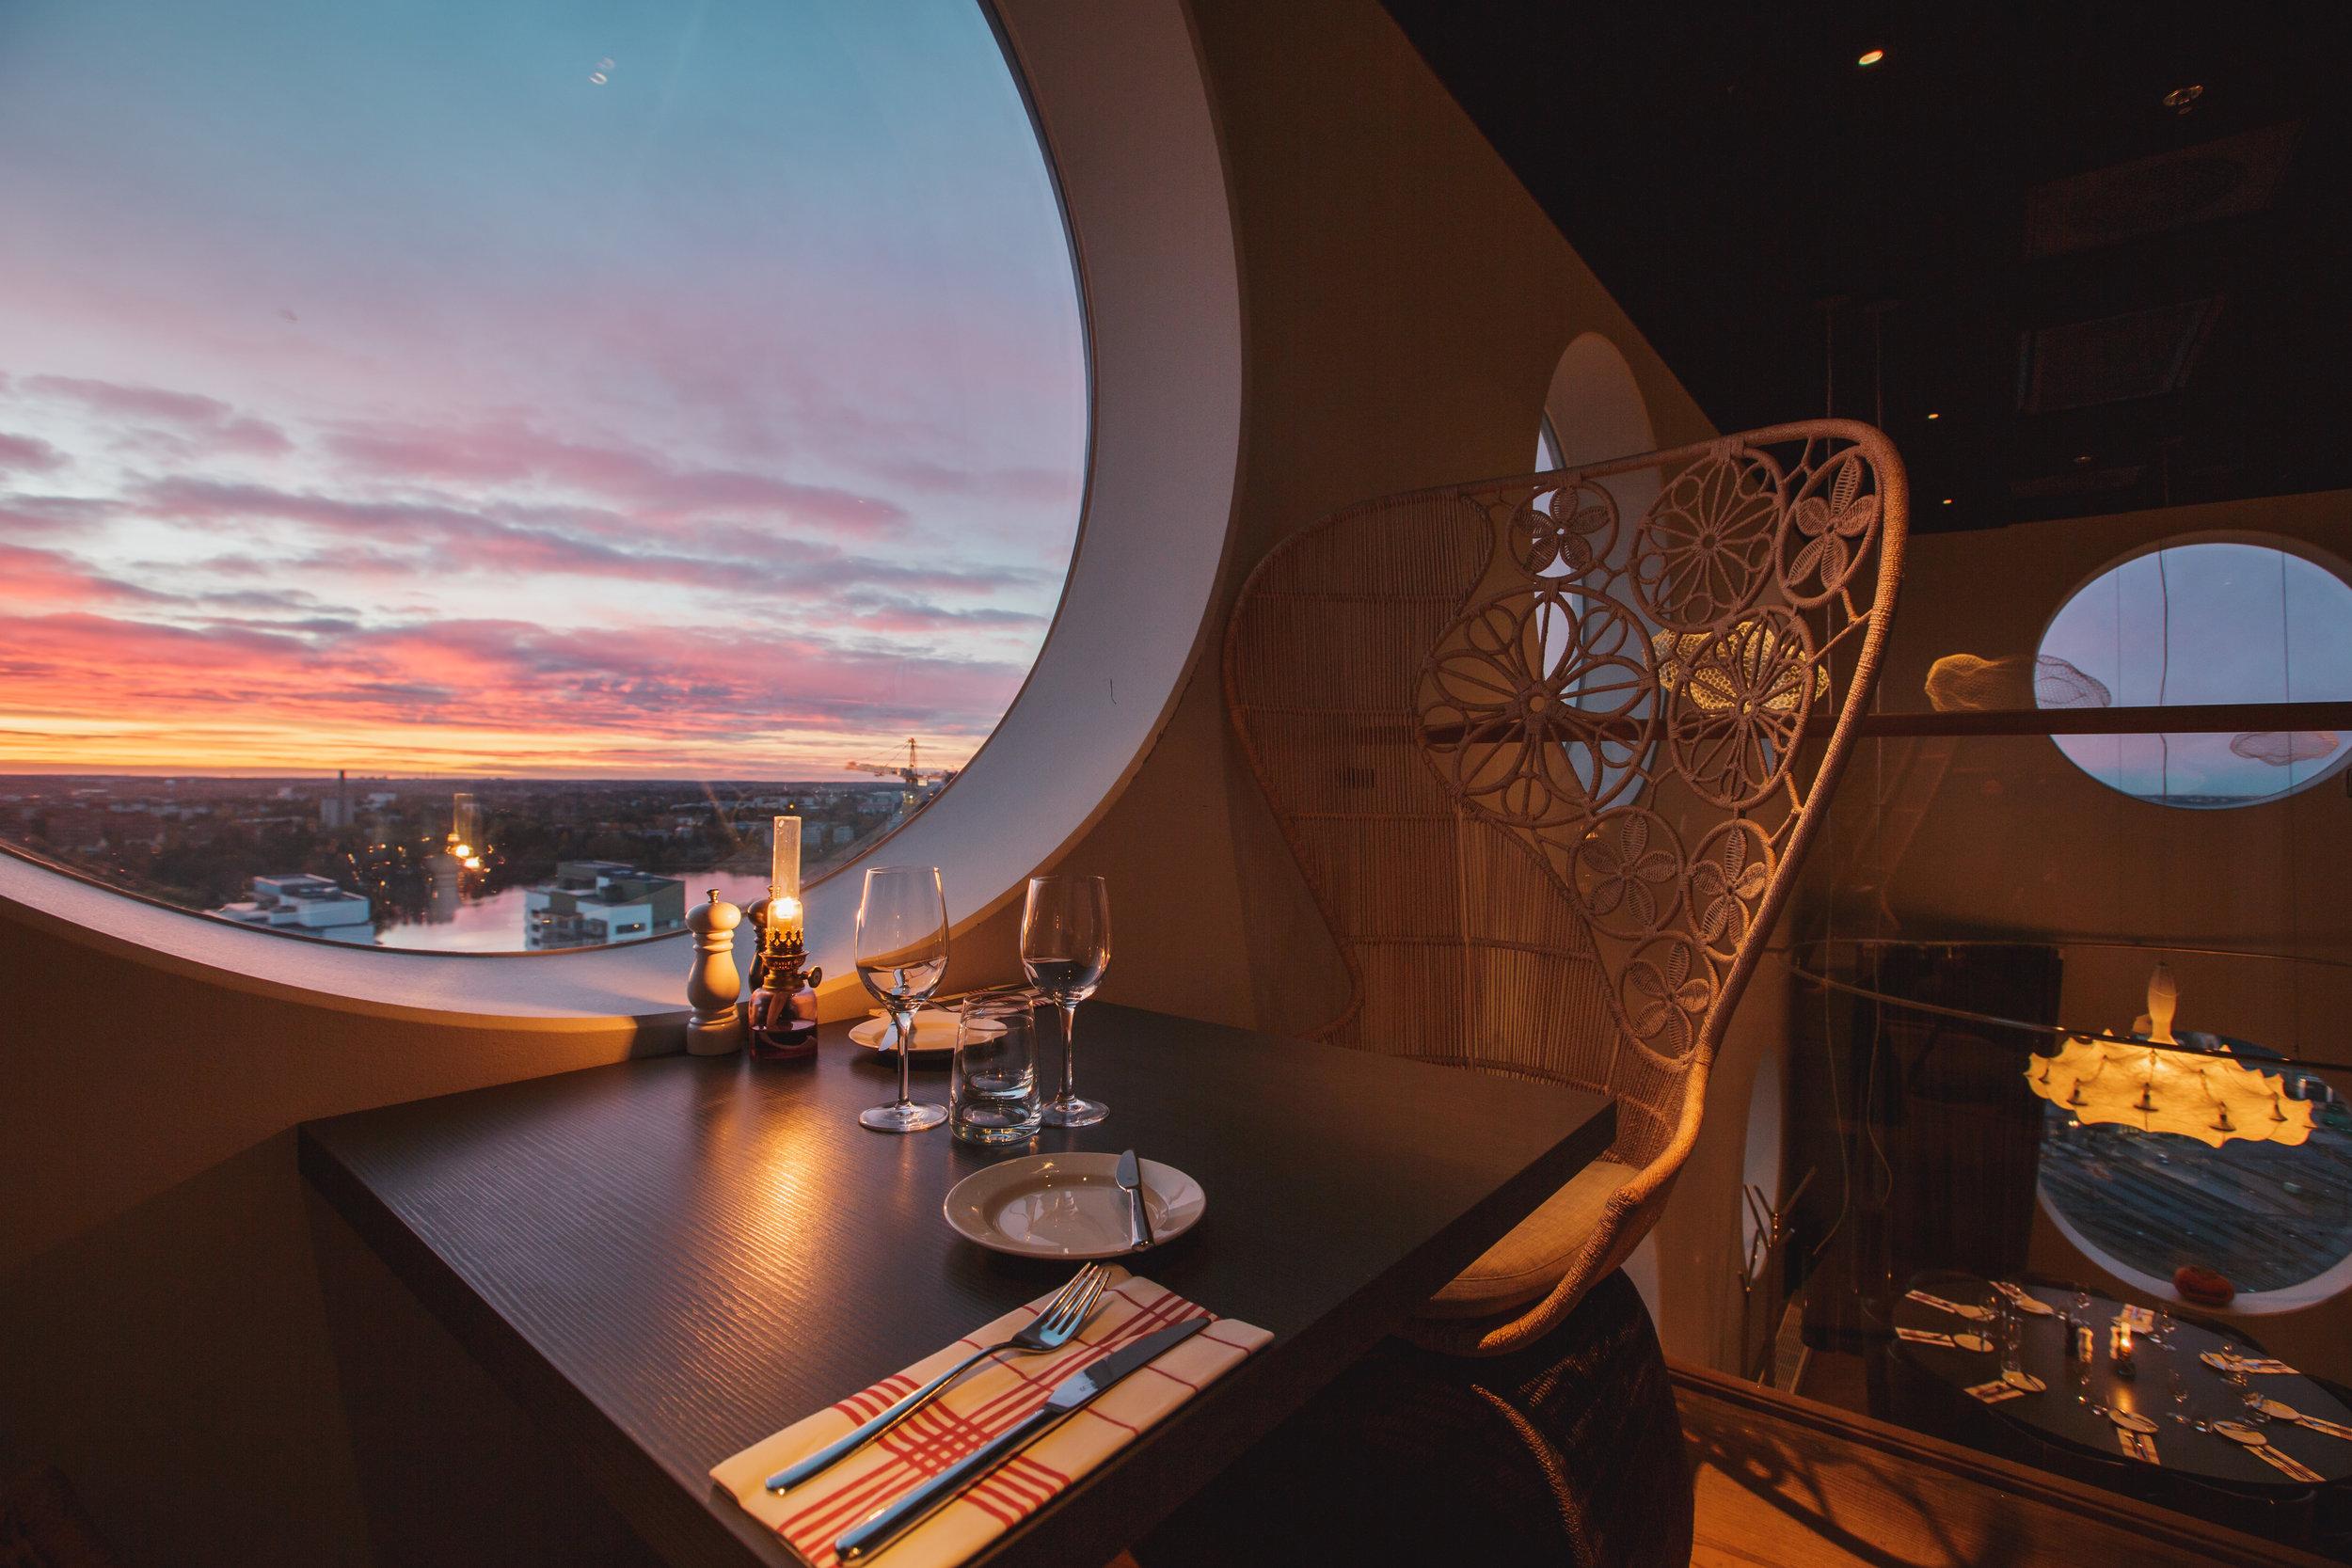 Quality-Hotel-Friends-BrasserieX-balcony.jpg